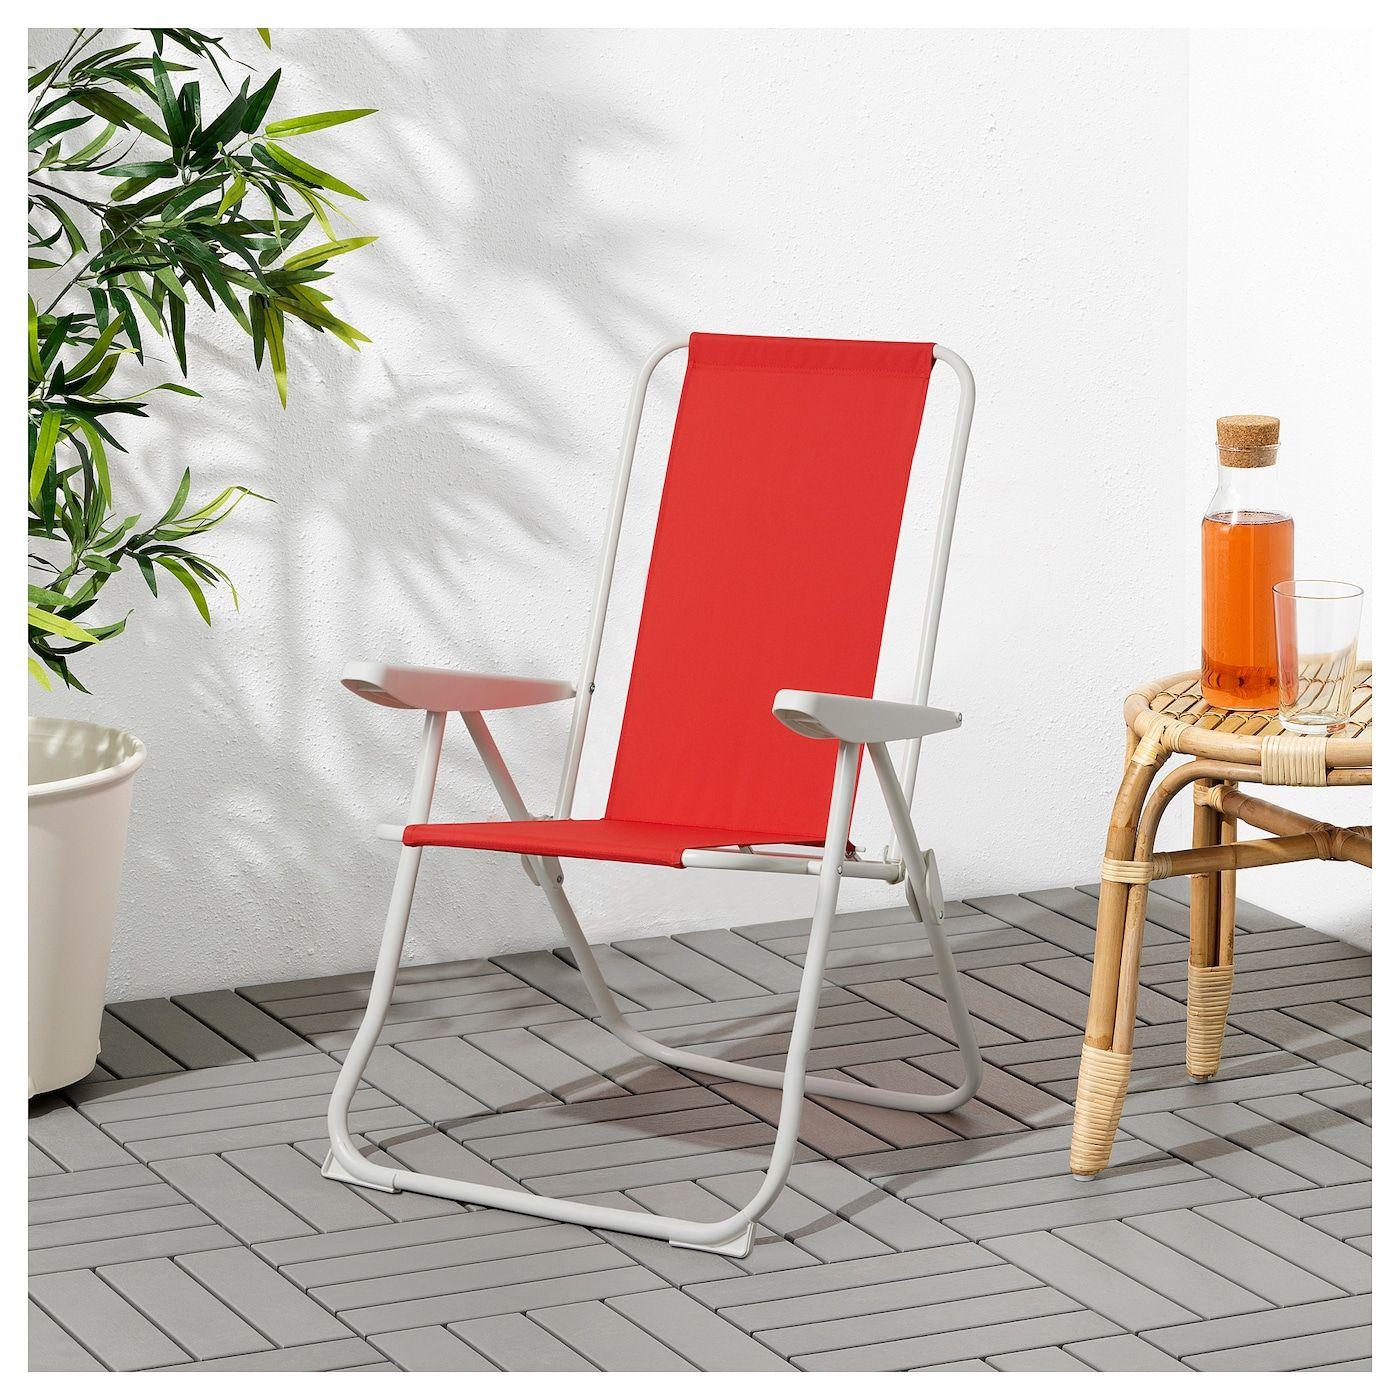 Håmö Reclining Chair - Red | Chaise Fauteuil, Fauteuil ... dedans Transat Ikea